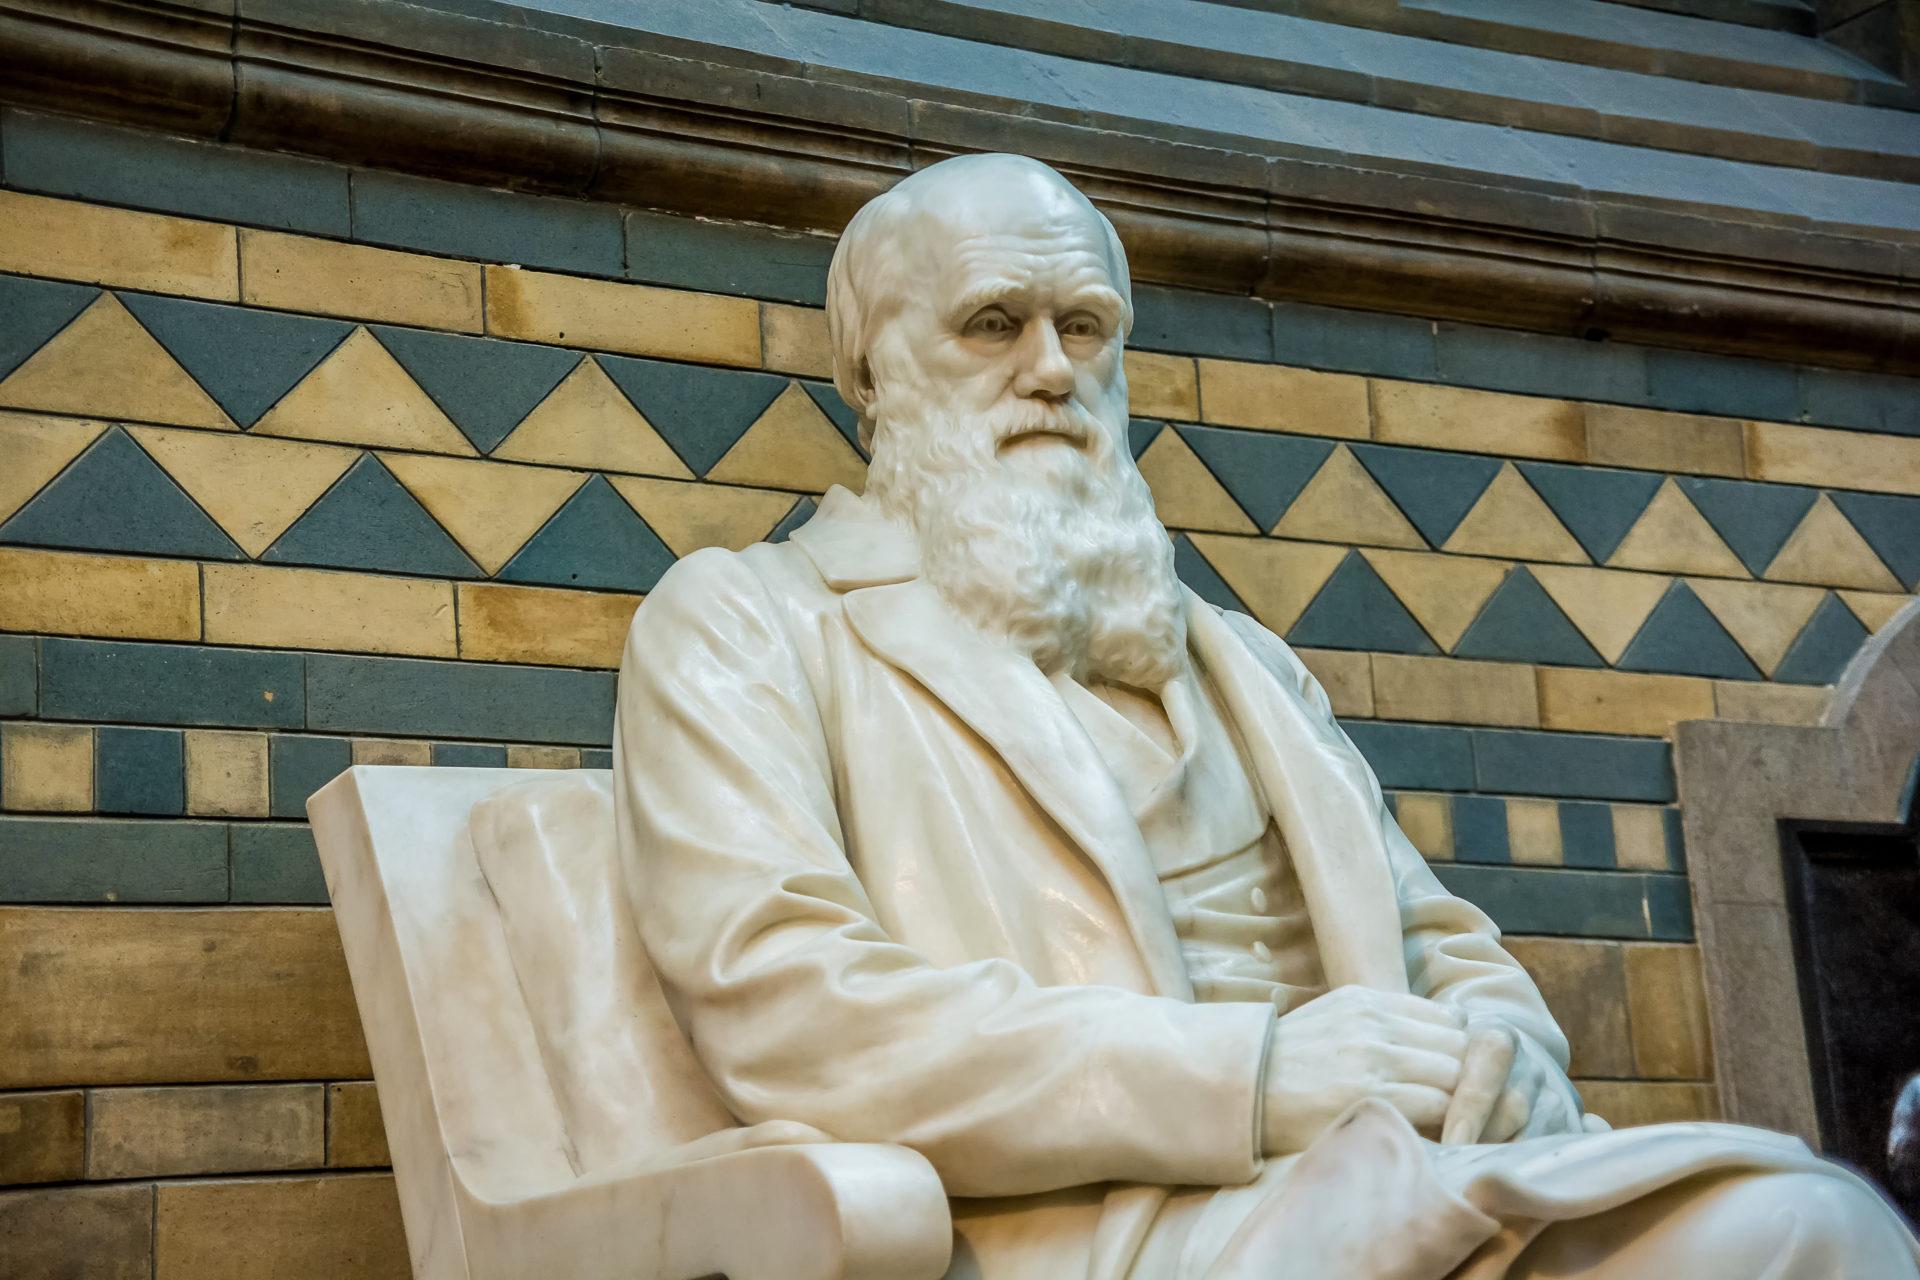 ¿Cuanto sabes sobre las aportaciones de Darwin a la biología? Demuestra que eres todo un experto en la teoría de la evolución de especies